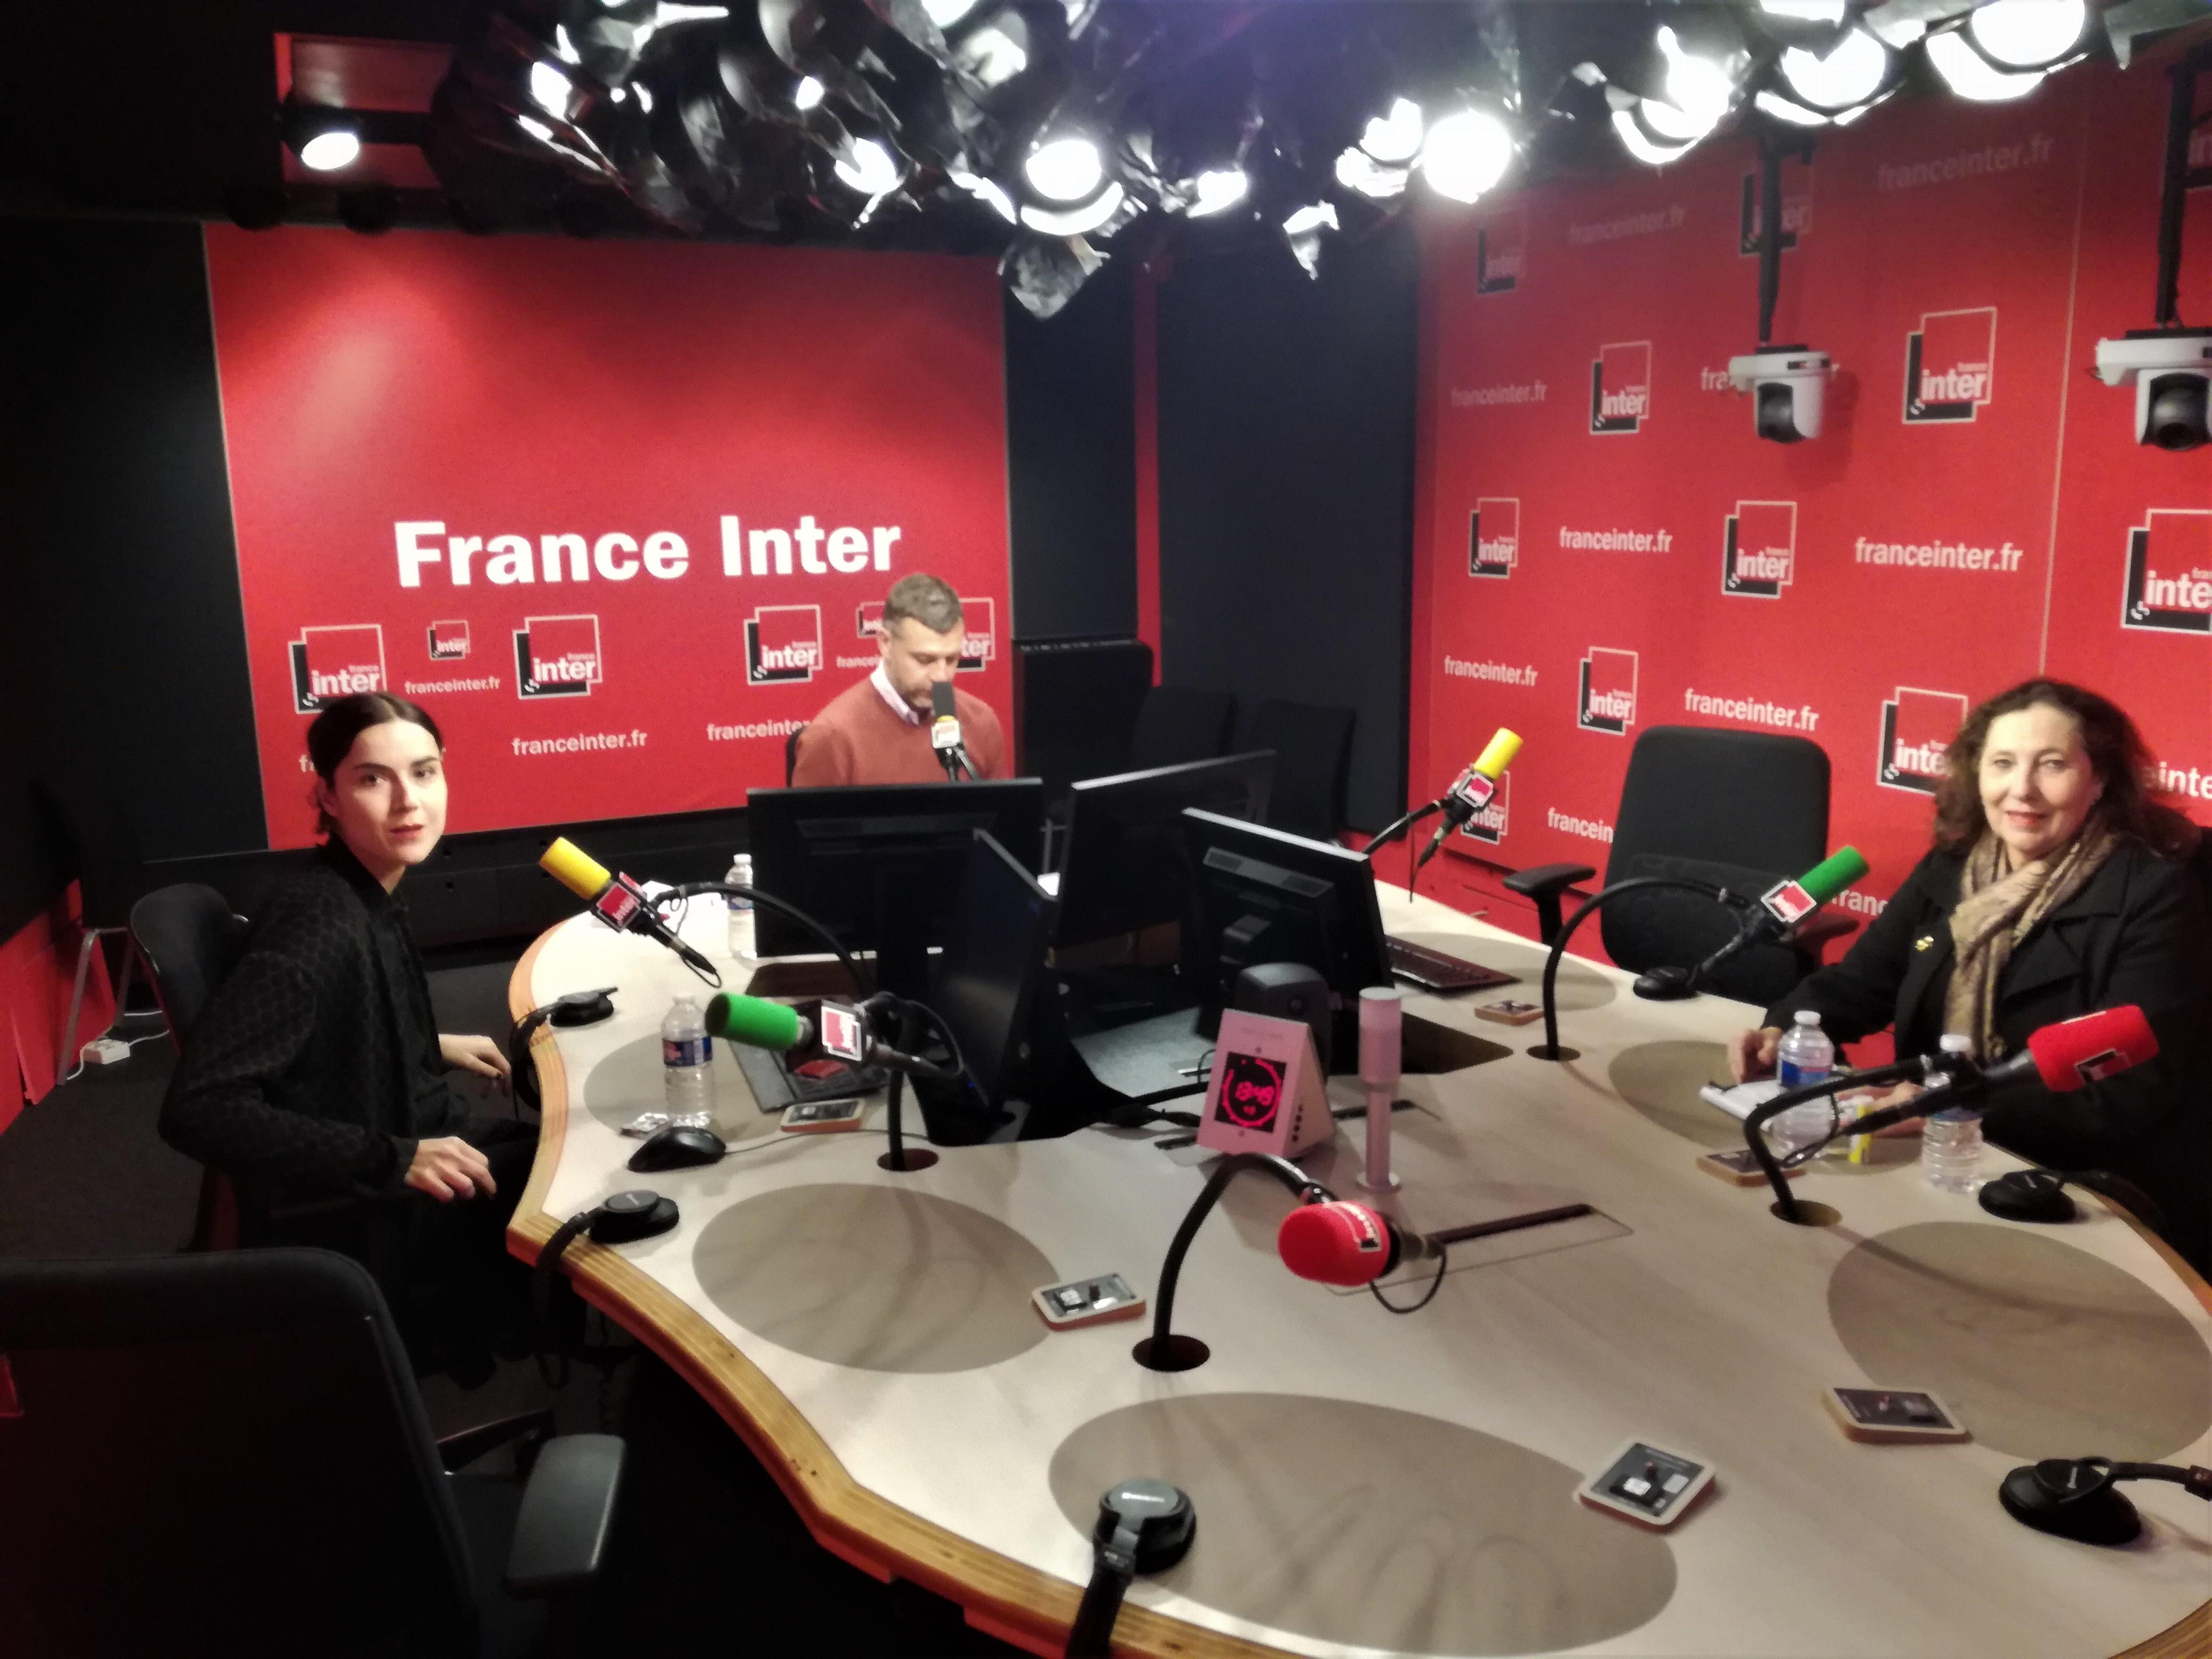 Annie Magnan, Cécile Ladjali et Mathieu Vidard (animateur de l'émission 'La tête au carré') dans le studio 511 de la Maison de la radio.